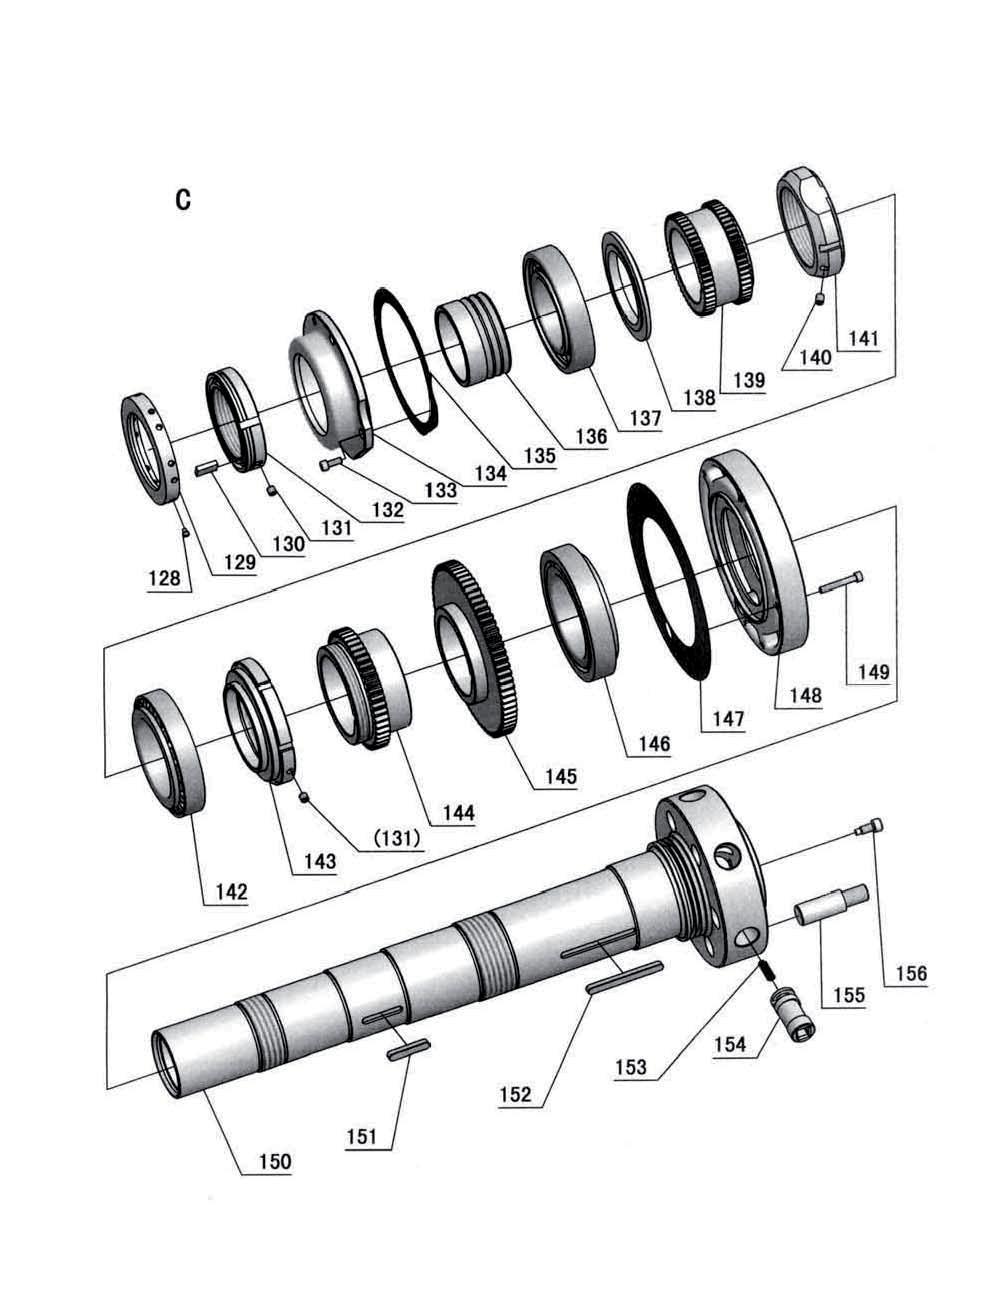 Ersatzteile spare parts d560 7 6 ersatzteilzeichnung spindelstock 5 von 8 drawing spare parts